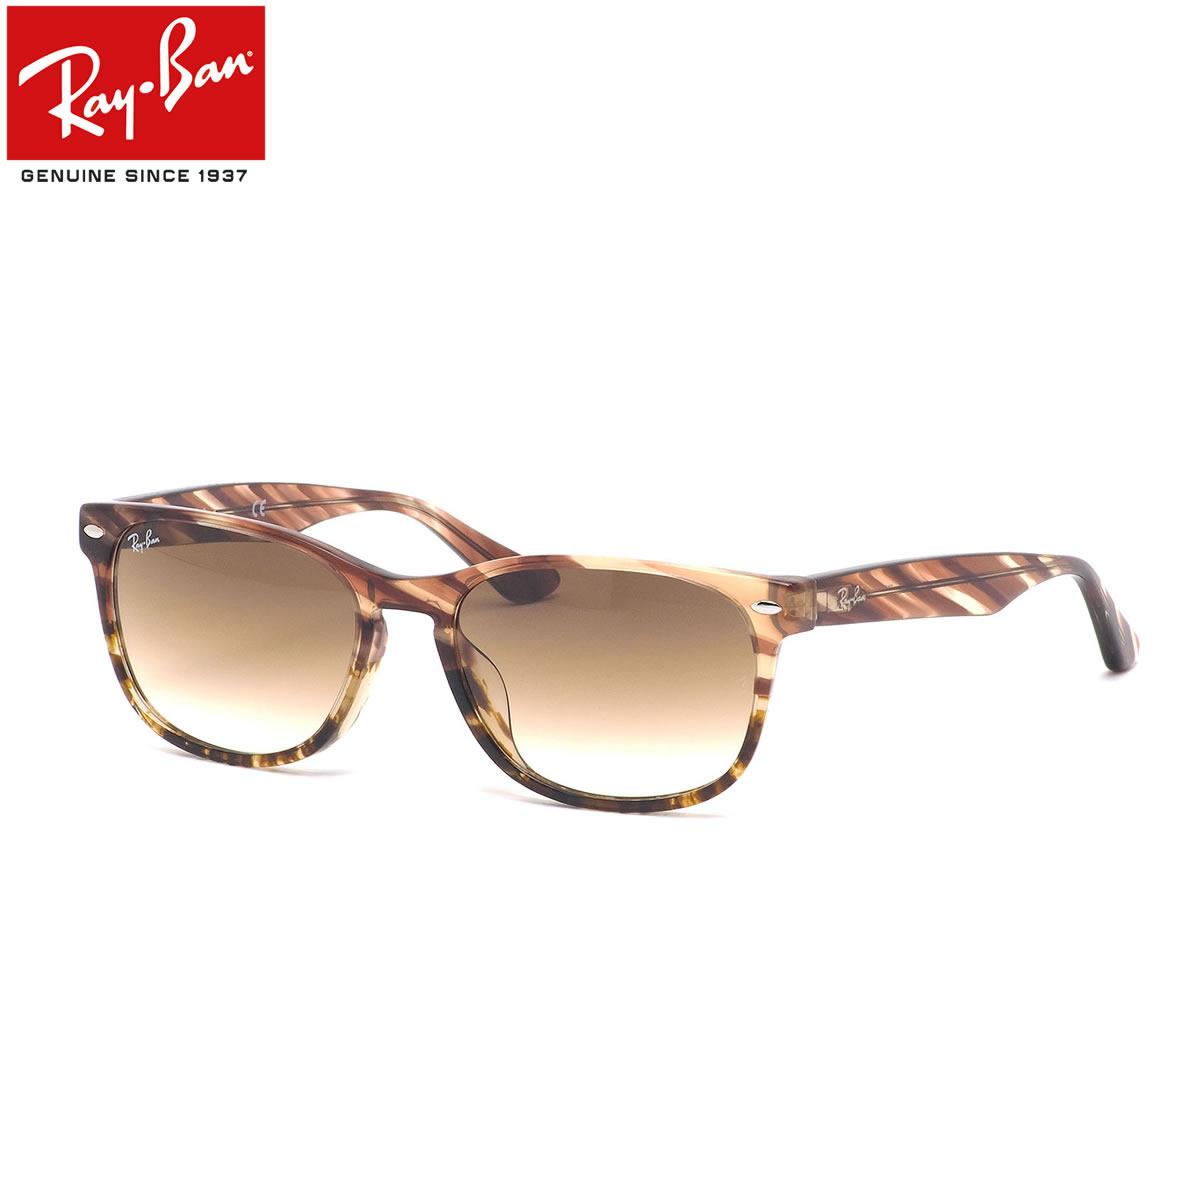 Ray-Ban レイバン サングラス RB2184F 125351 57サイズ バネ式蝶番 キーホールブリッジ フルフィット クリスタルグラディエントレンズ メンズ レディース